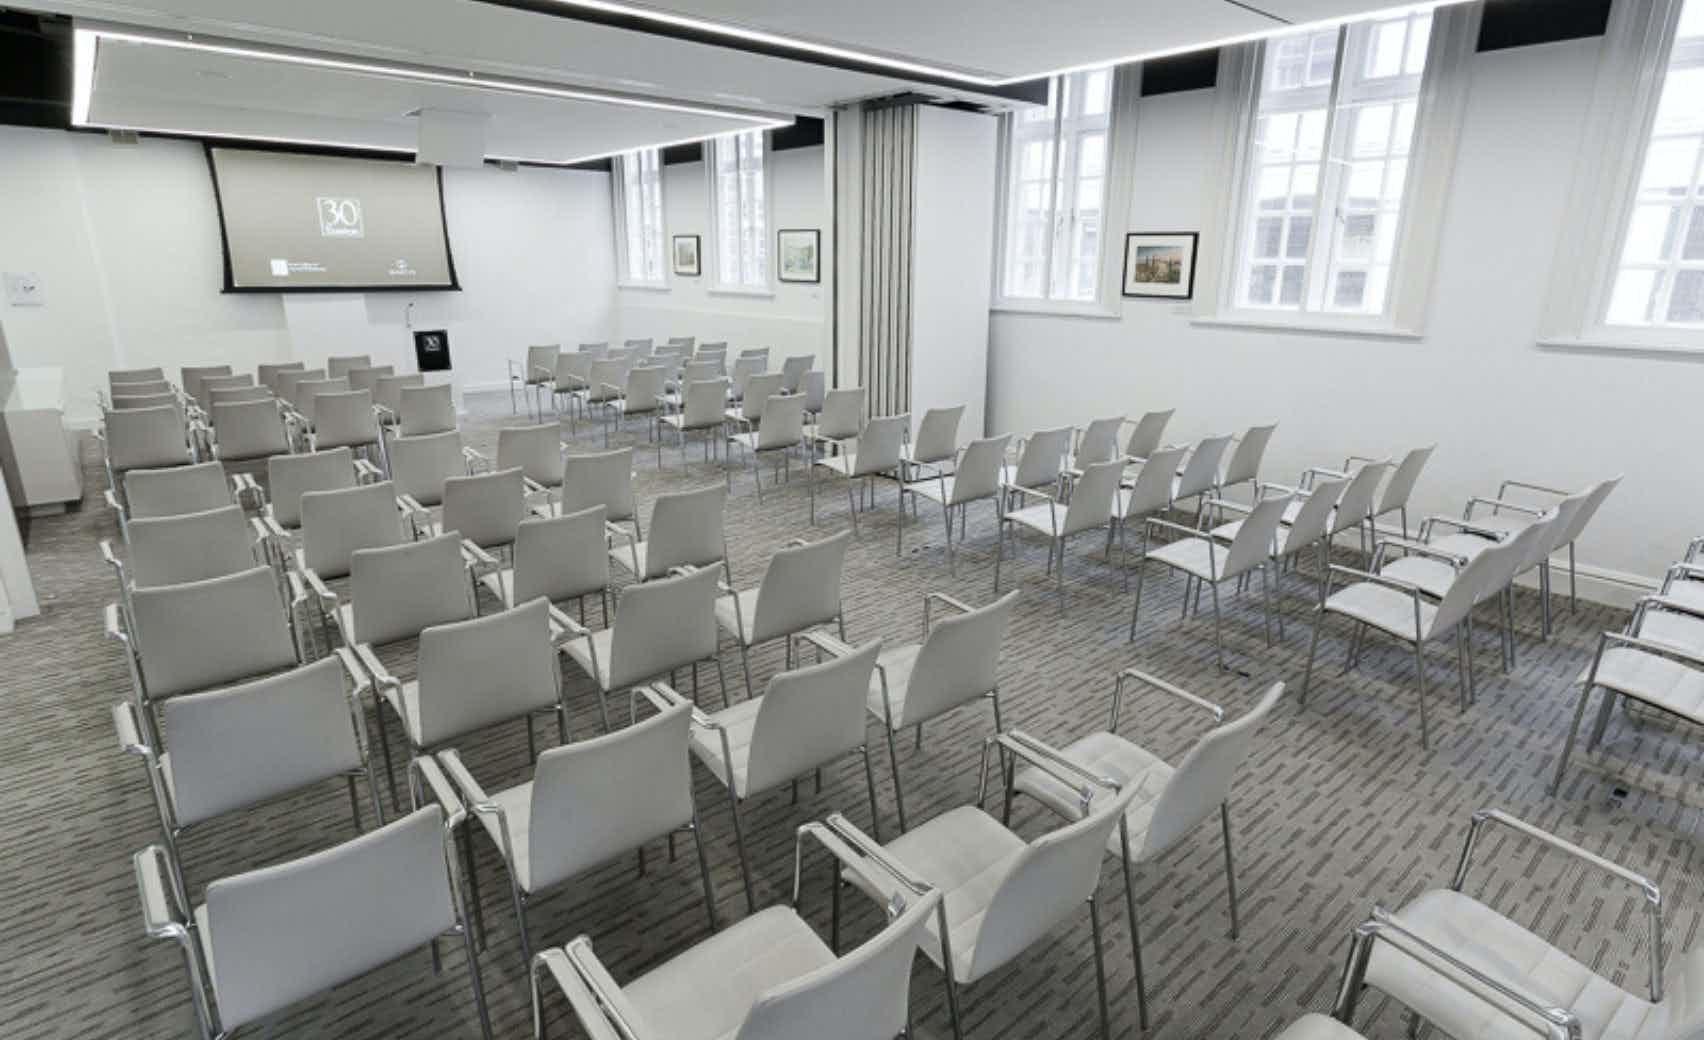 Ground Floor Meeting Room 4.5, 30 Euston Square